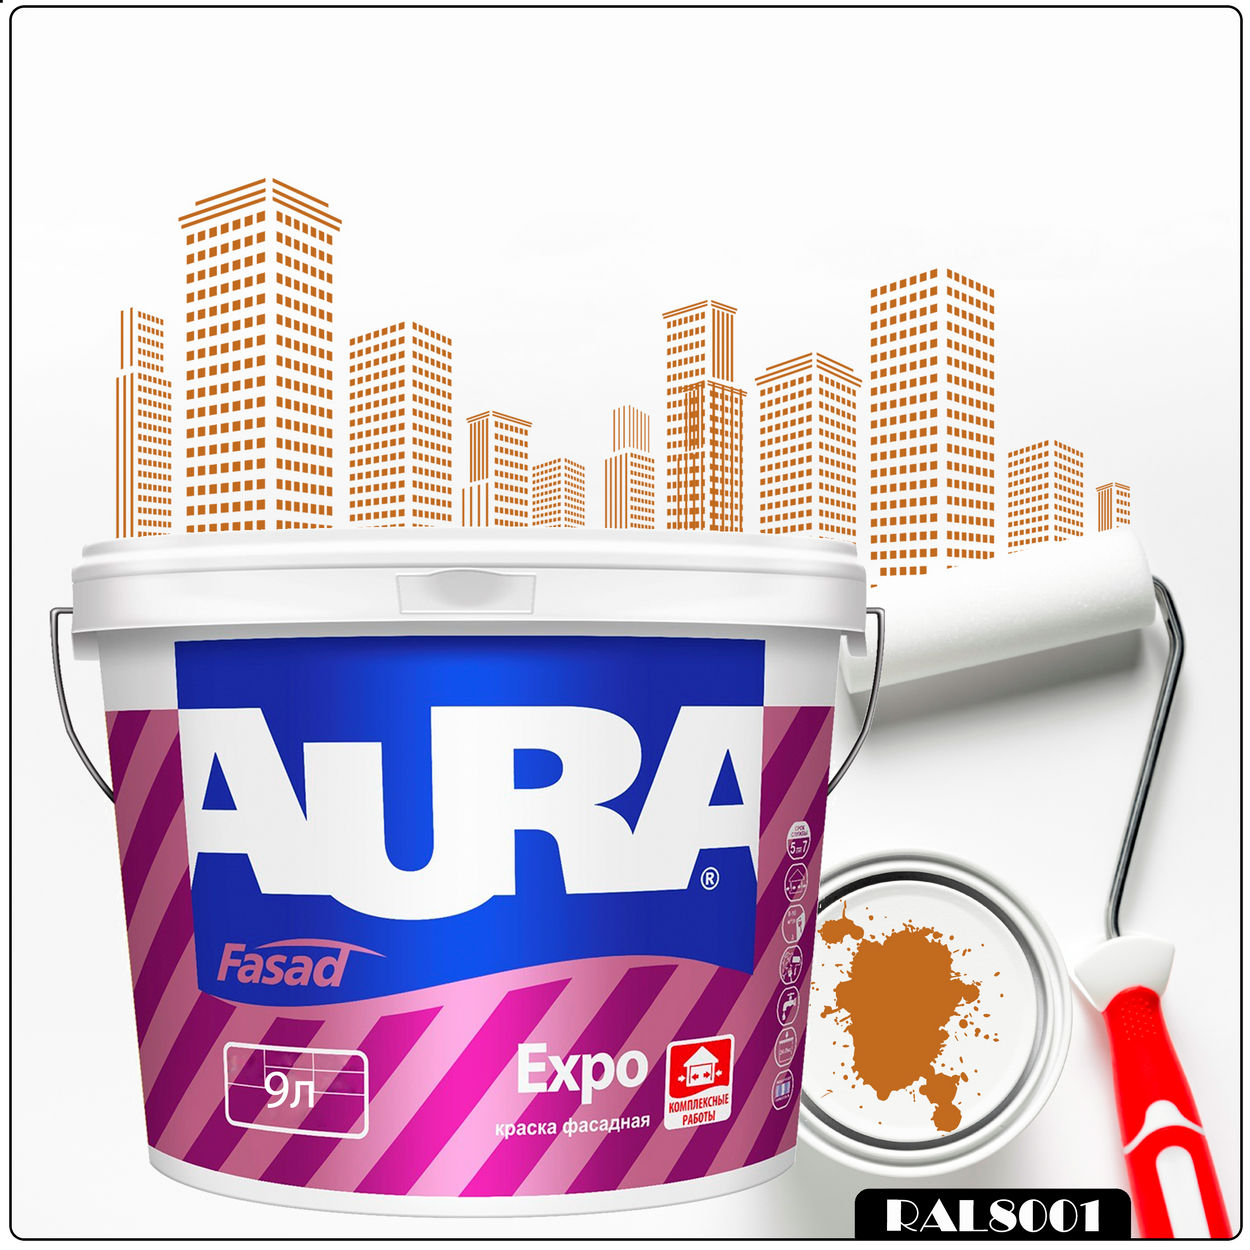 Фото 2 - Краска Aura Fasad Expo, RAL 8001 Коричневая-охра, матовая, для фасадов и помещений с повышенной влажностью, 9л.